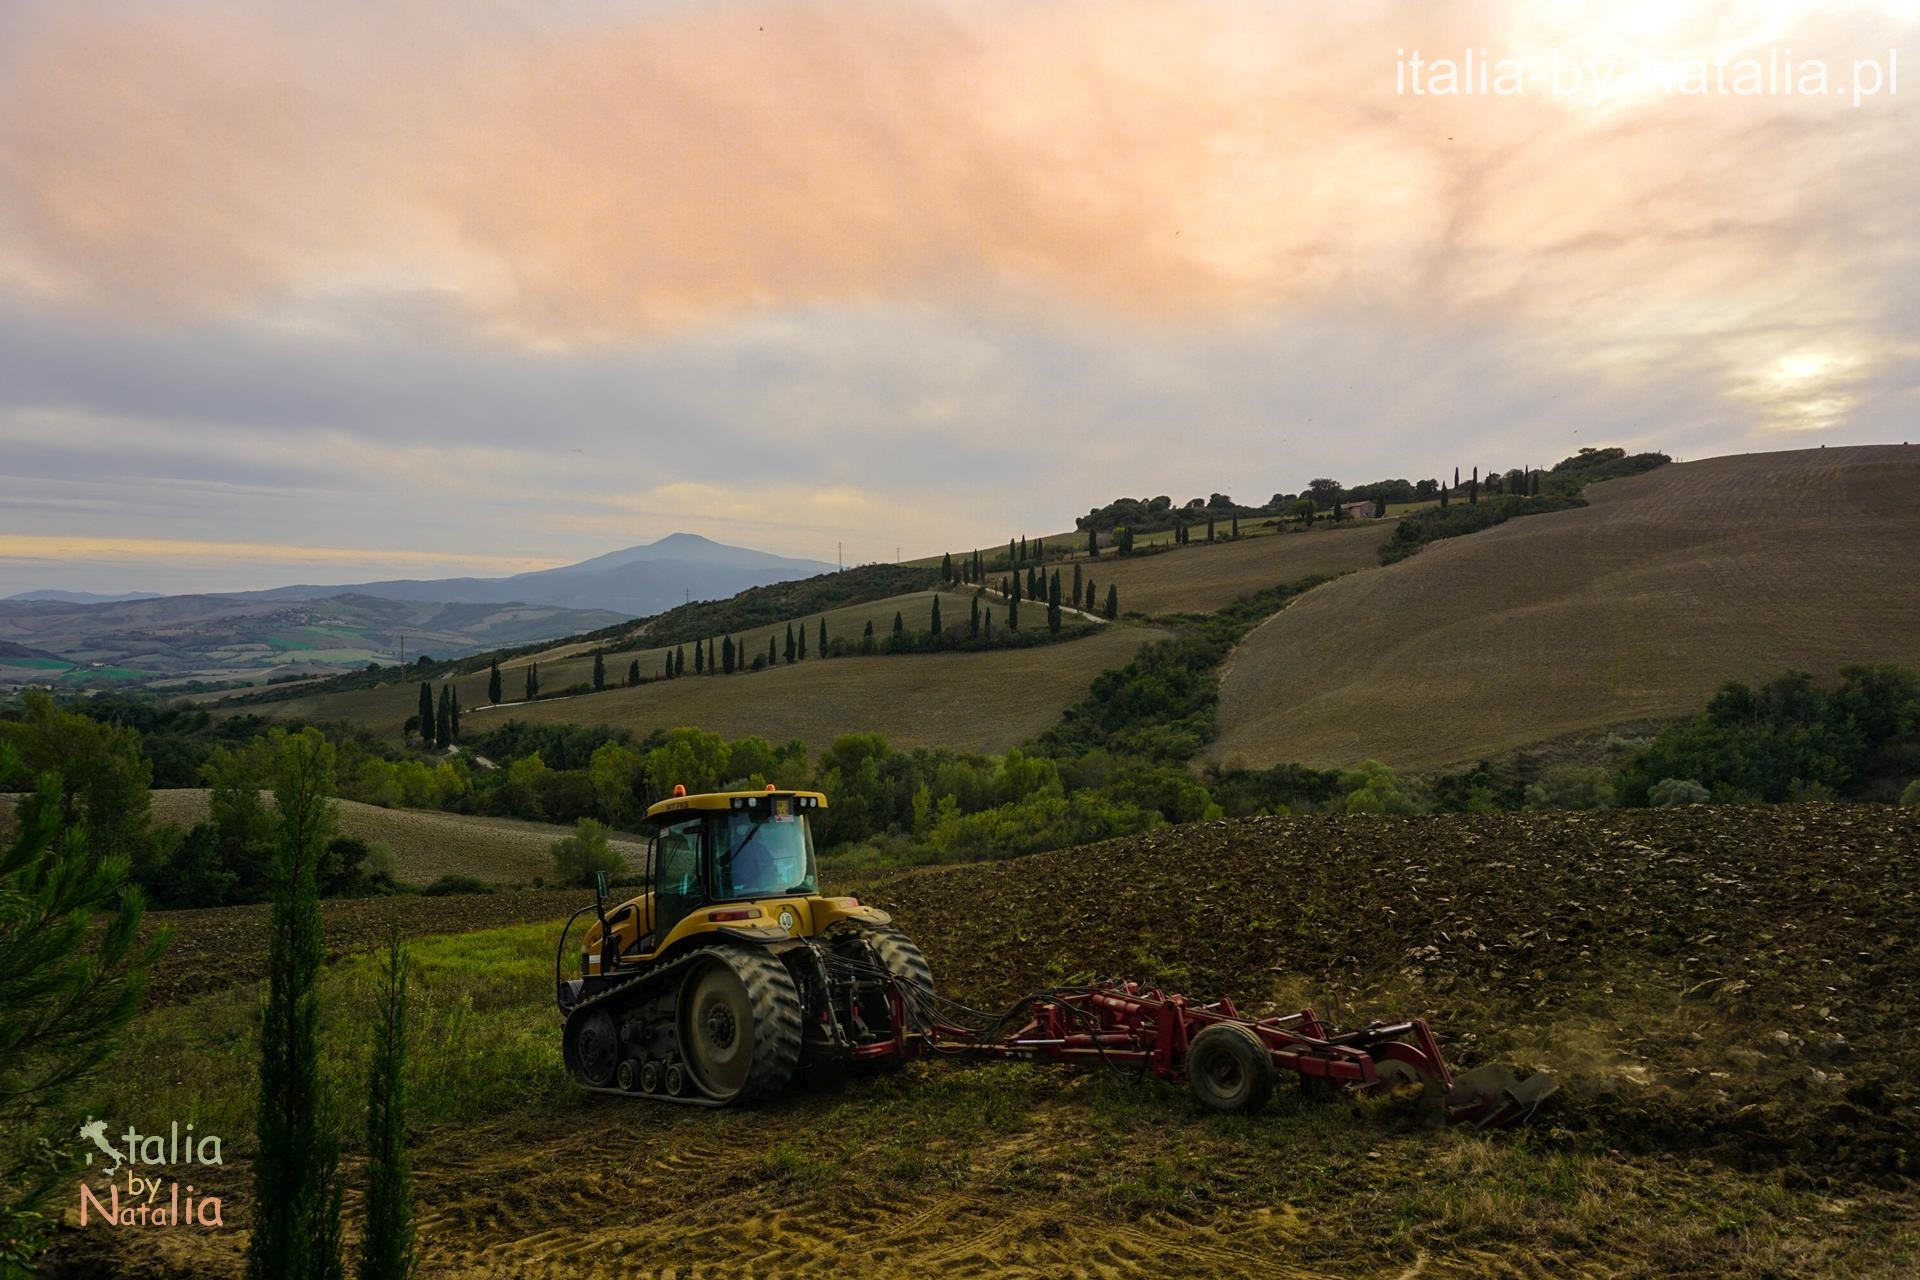 La Foce zawijaniec cyprysowy jesień toskania Val di Orcia